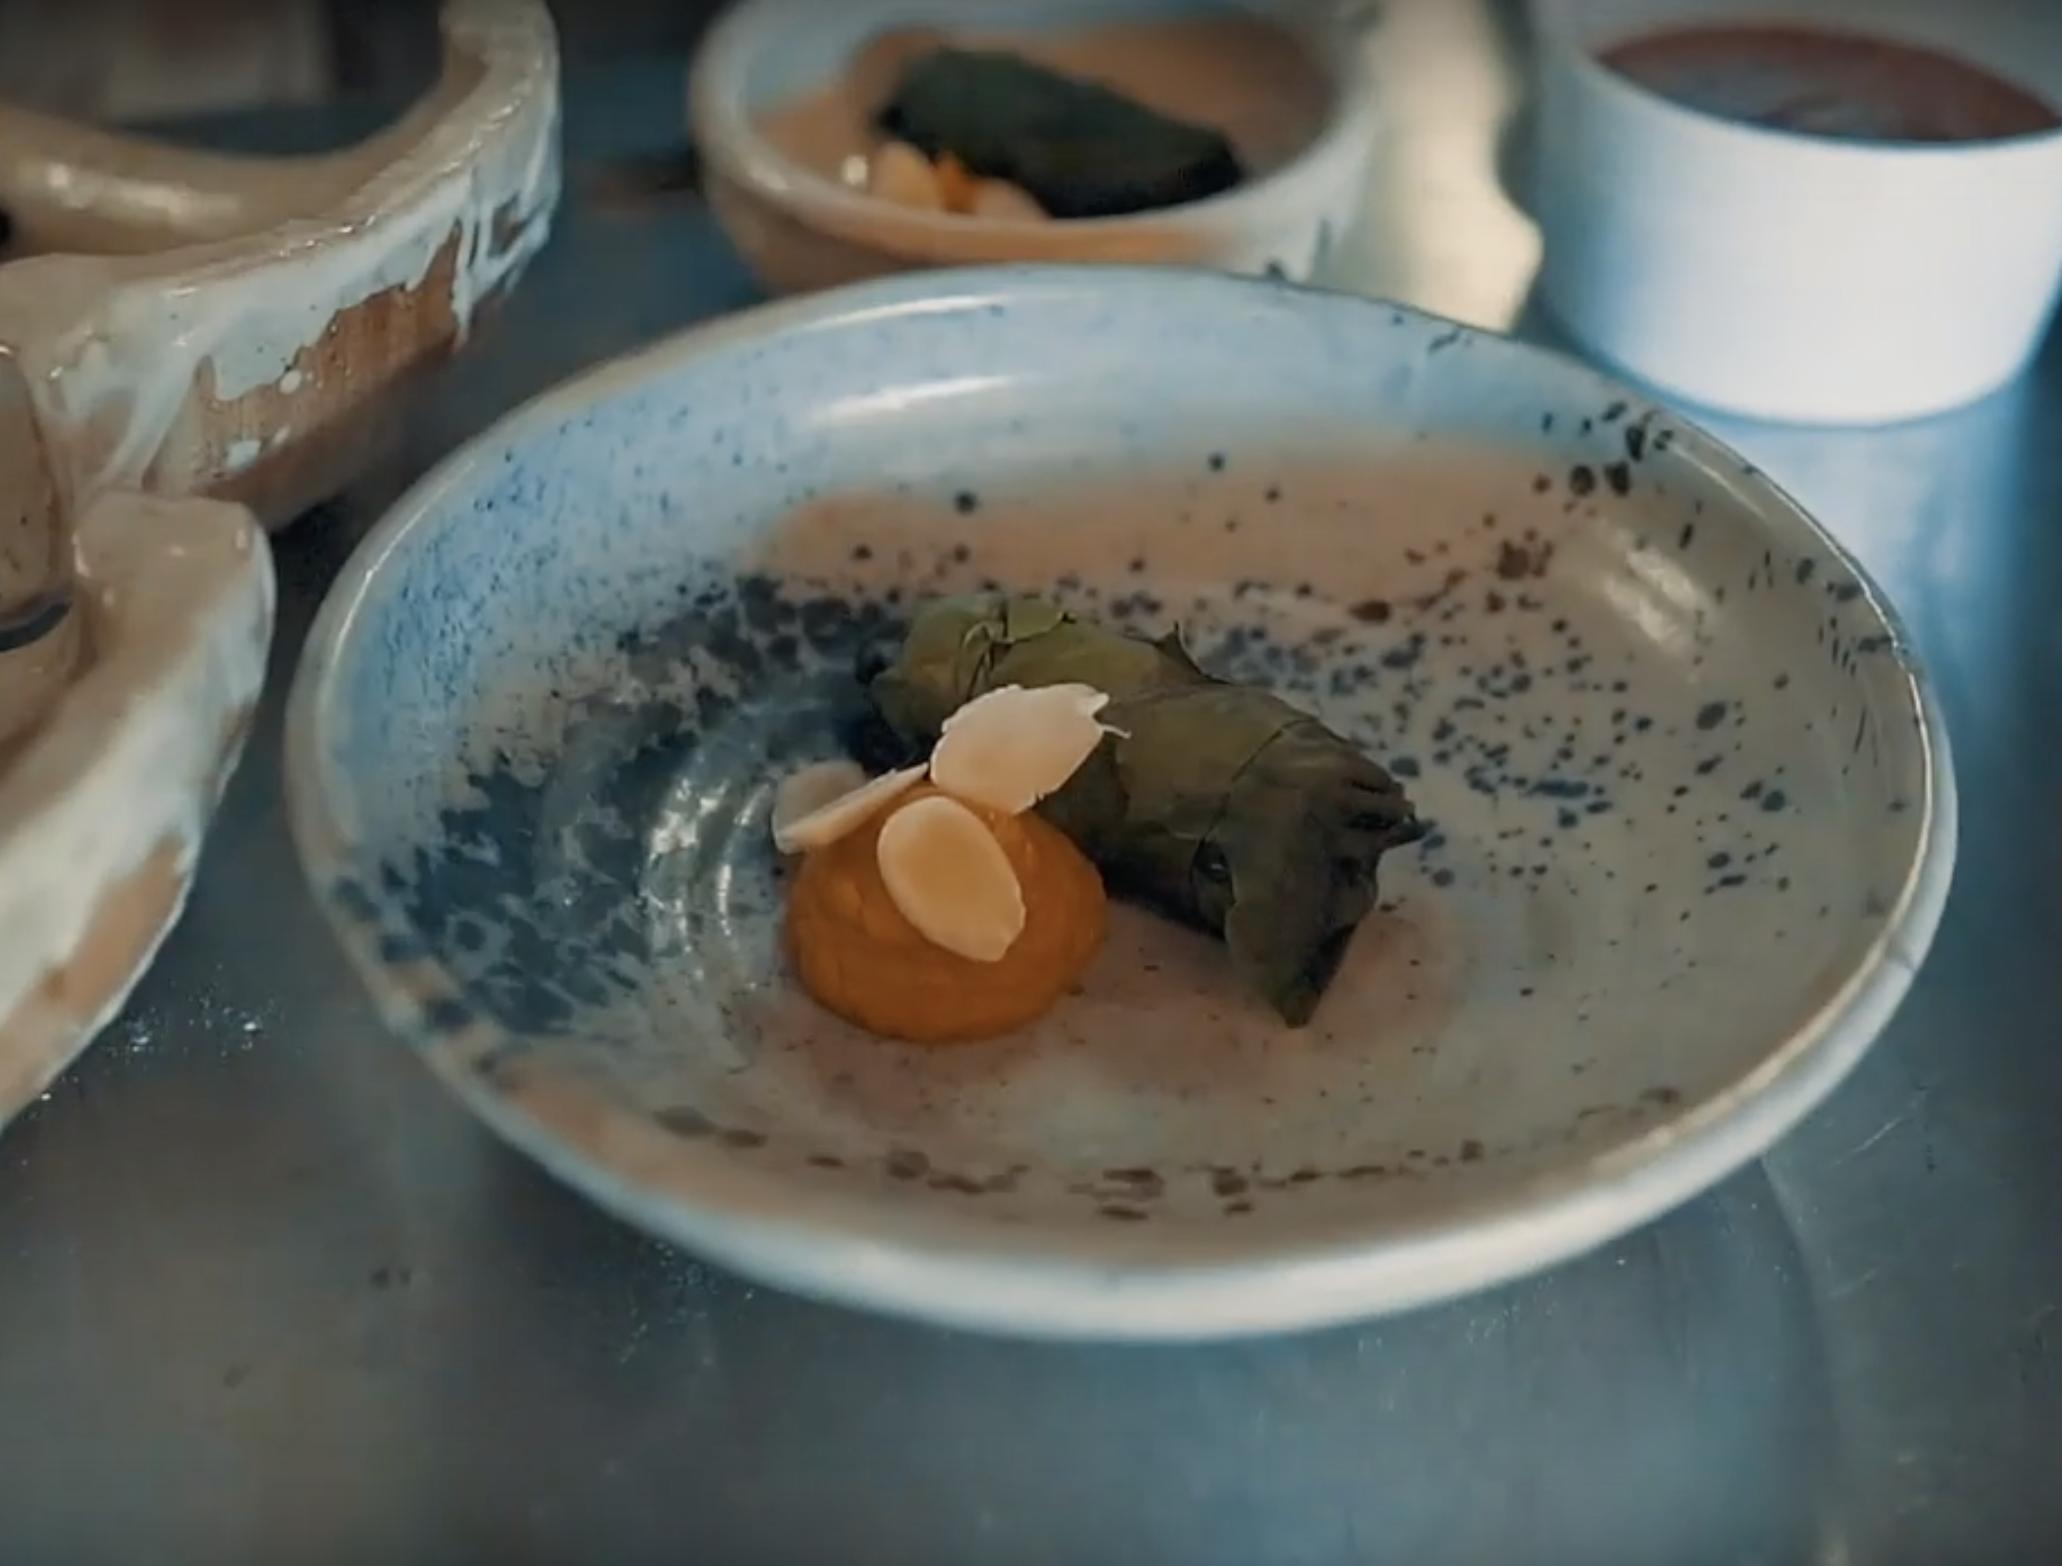 de-mestres-e-chefs-festival-gastronomico-lousa-cabrito52.png